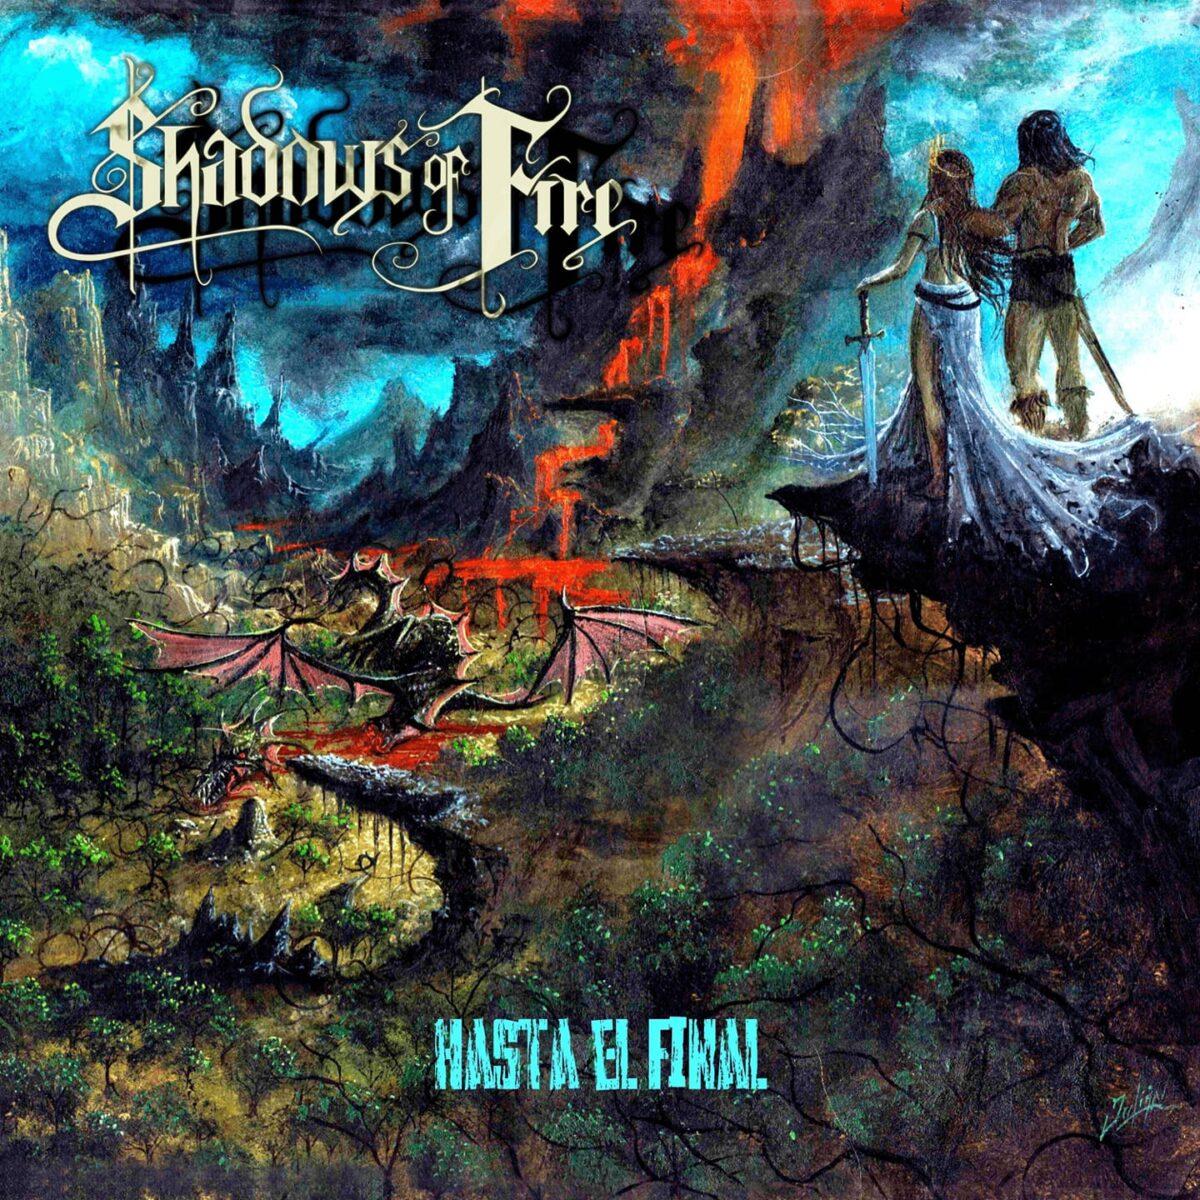 shadows of fire presenta hasta el final shadows of fire 3